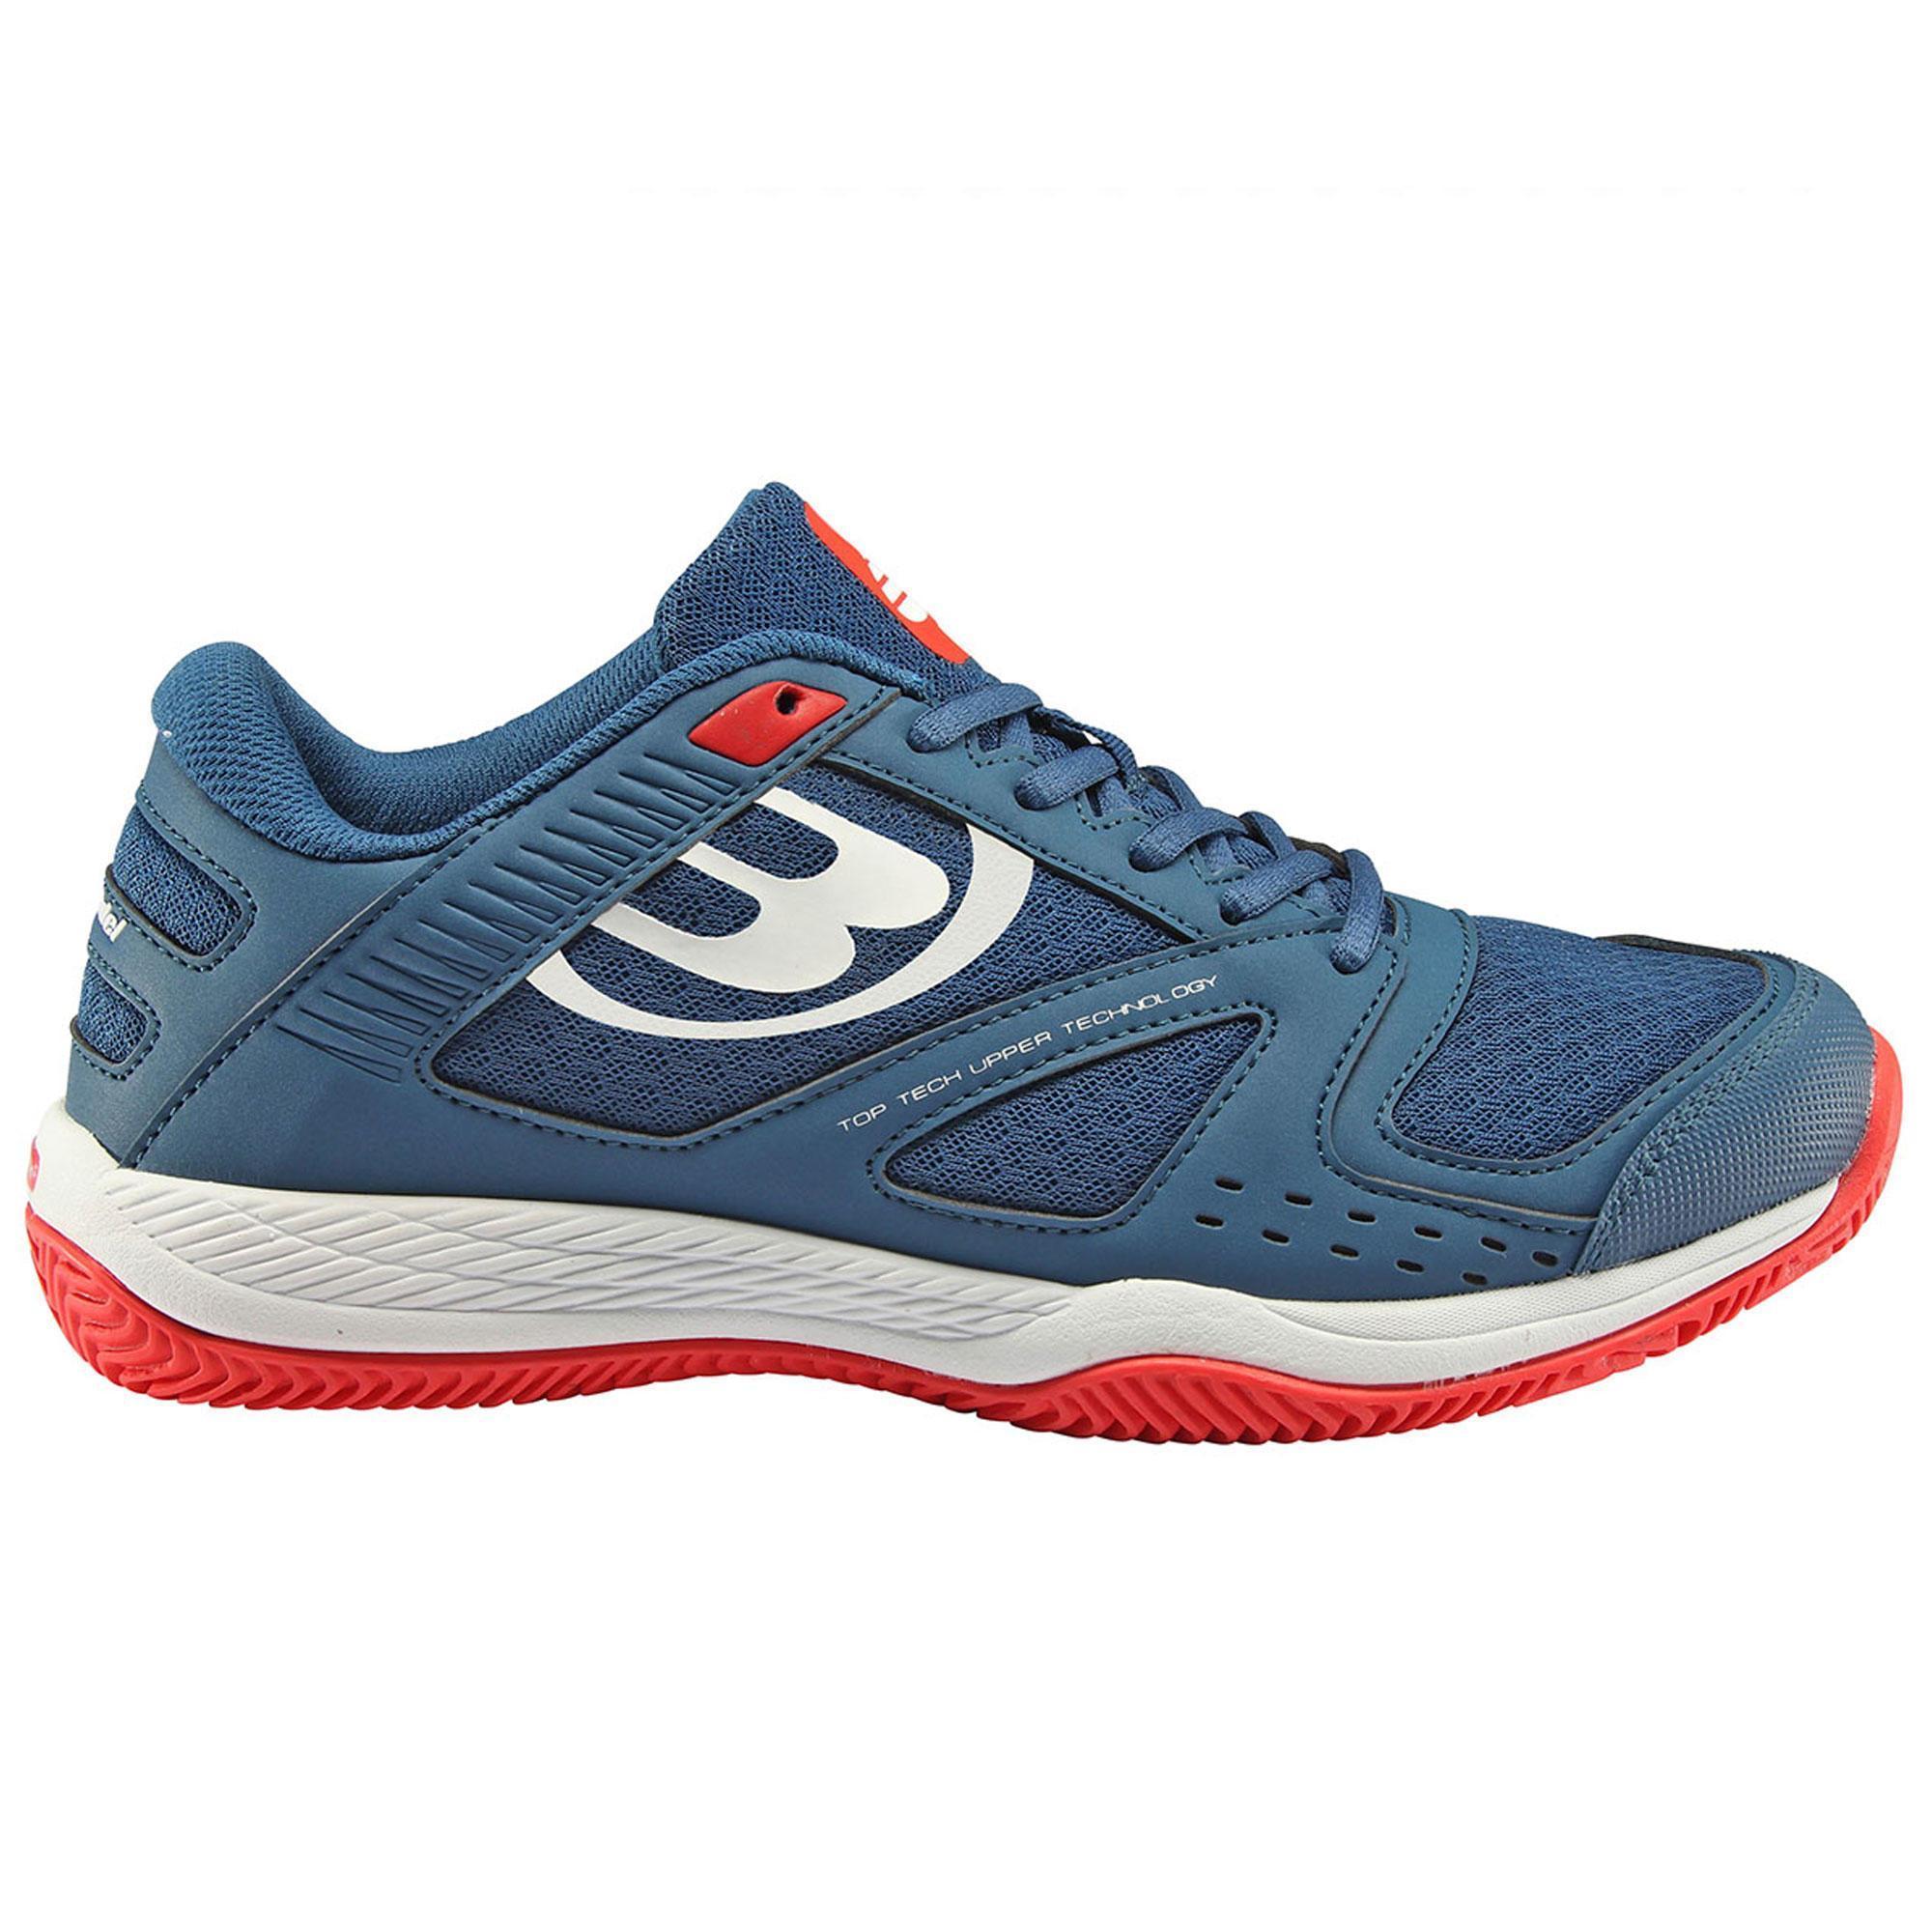 b88d0e0c Comprar Zapatillas de pádel online | Decathlon